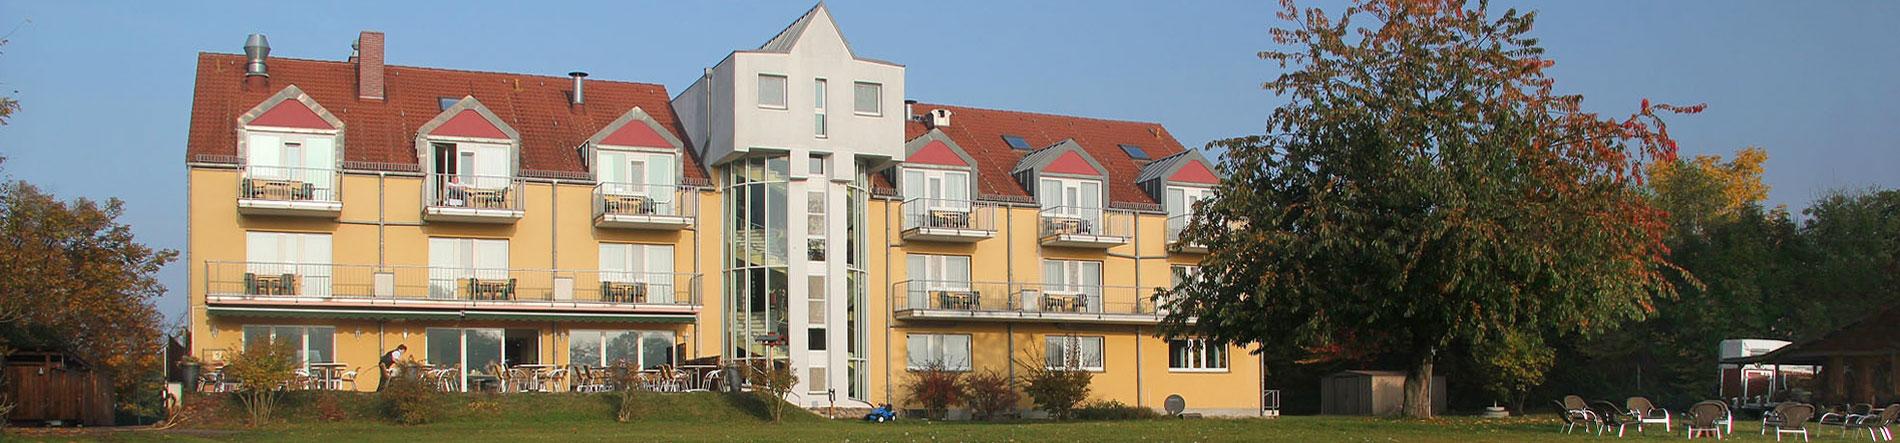 Headerbild Landhotel Löwenbruch in Ludwigsfelde - Gartenansicht